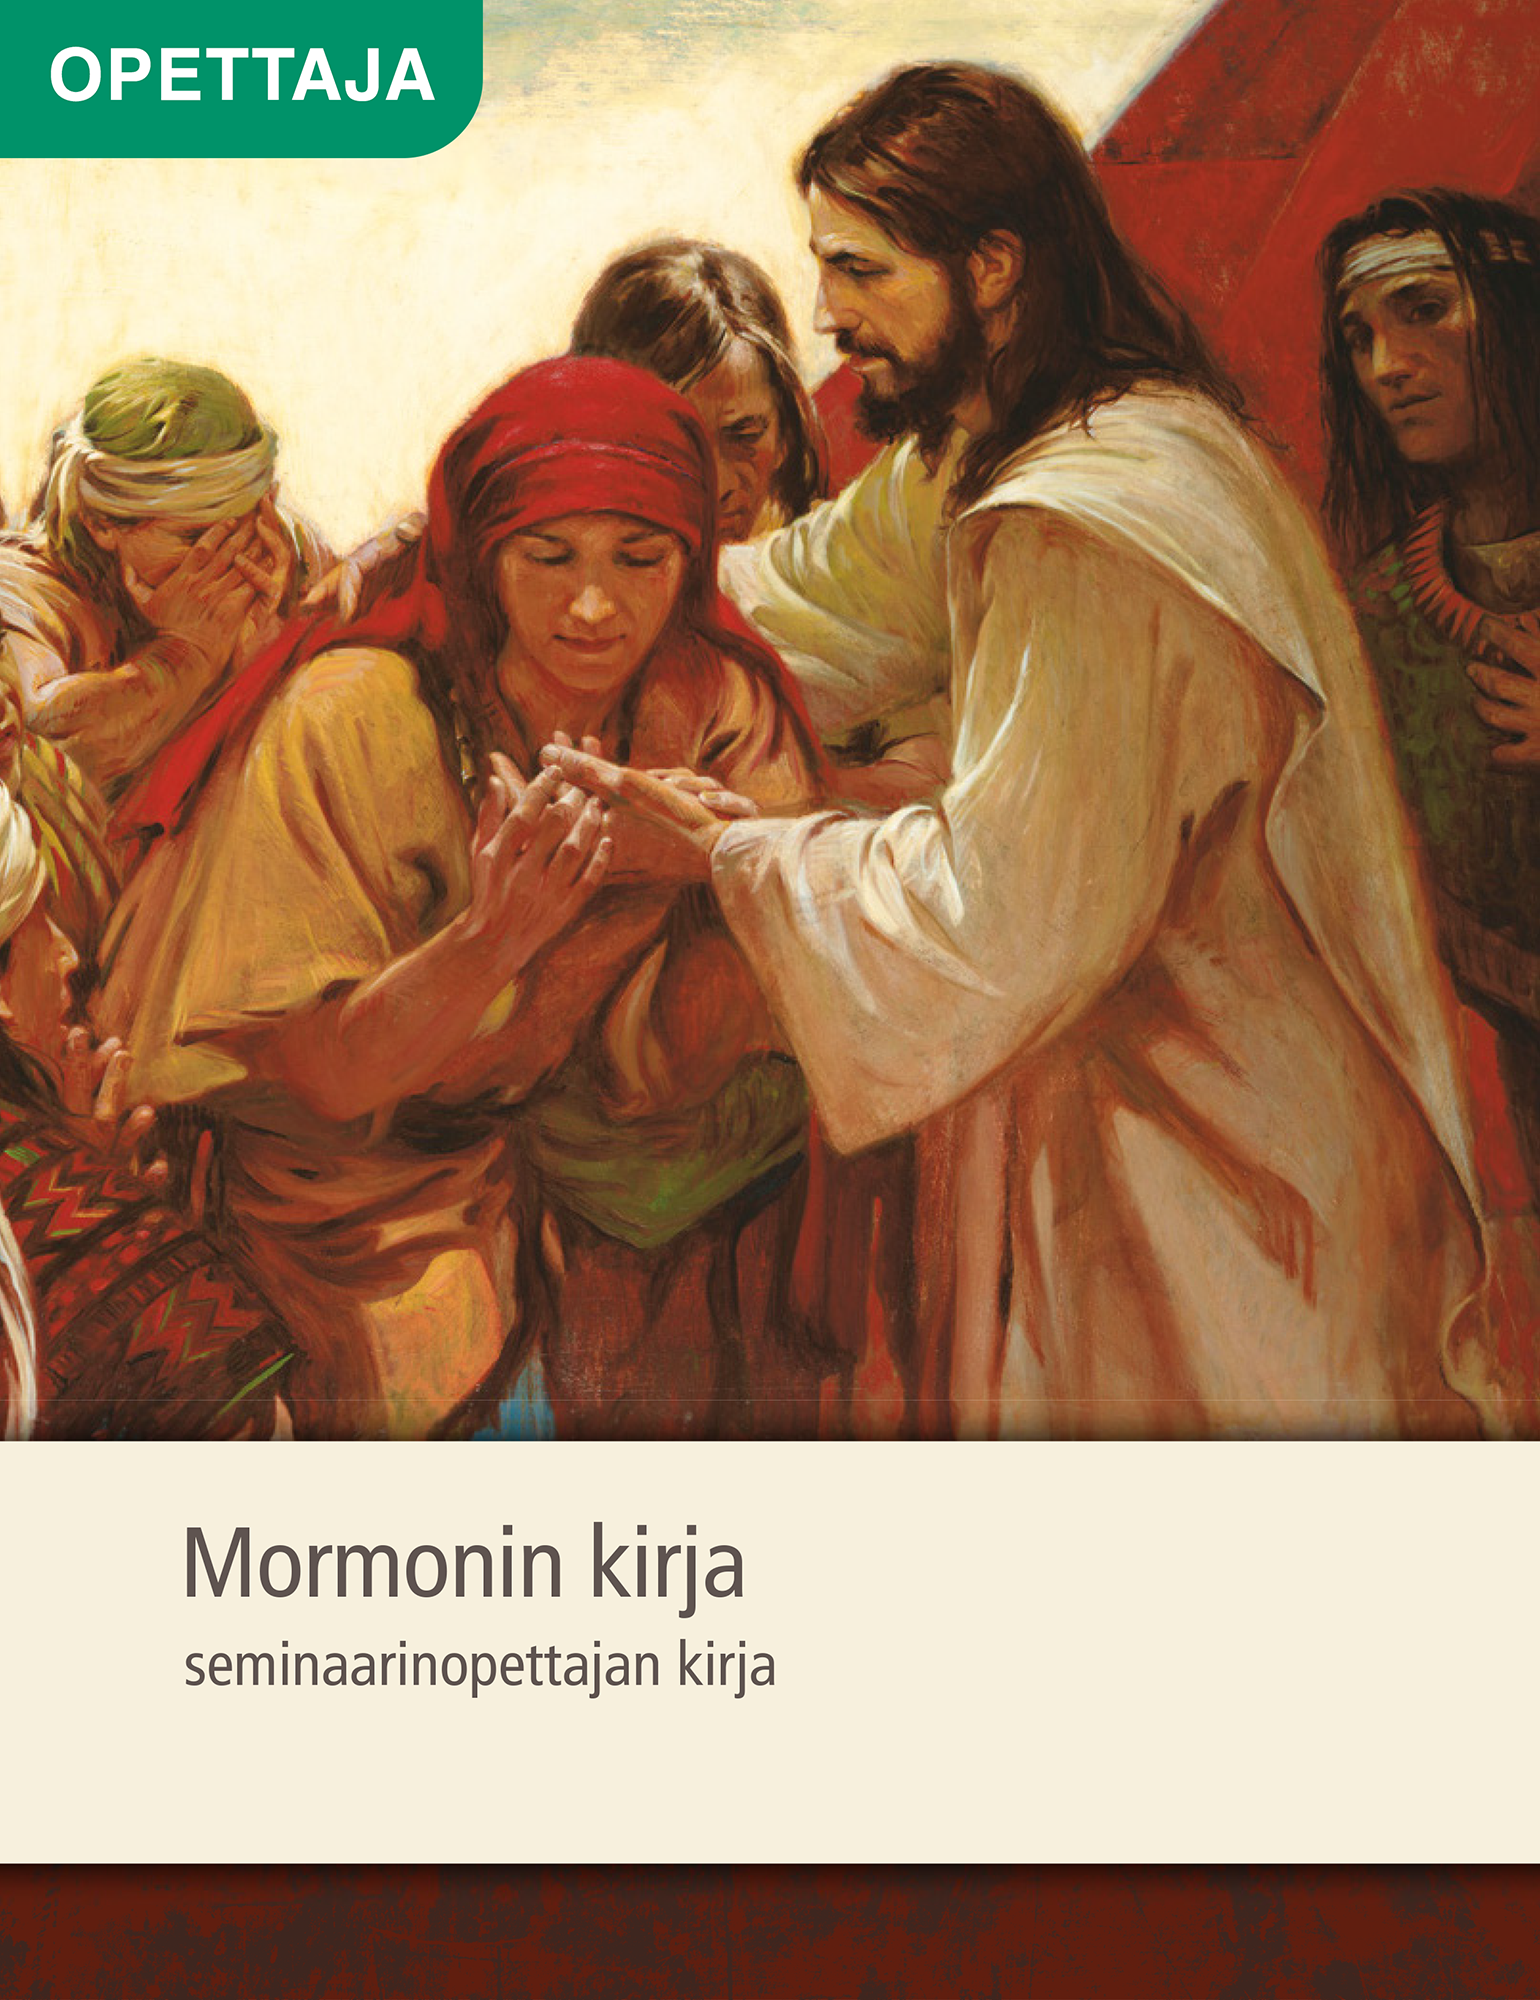 Mormonin kirja, seminaarinopettajan kirja